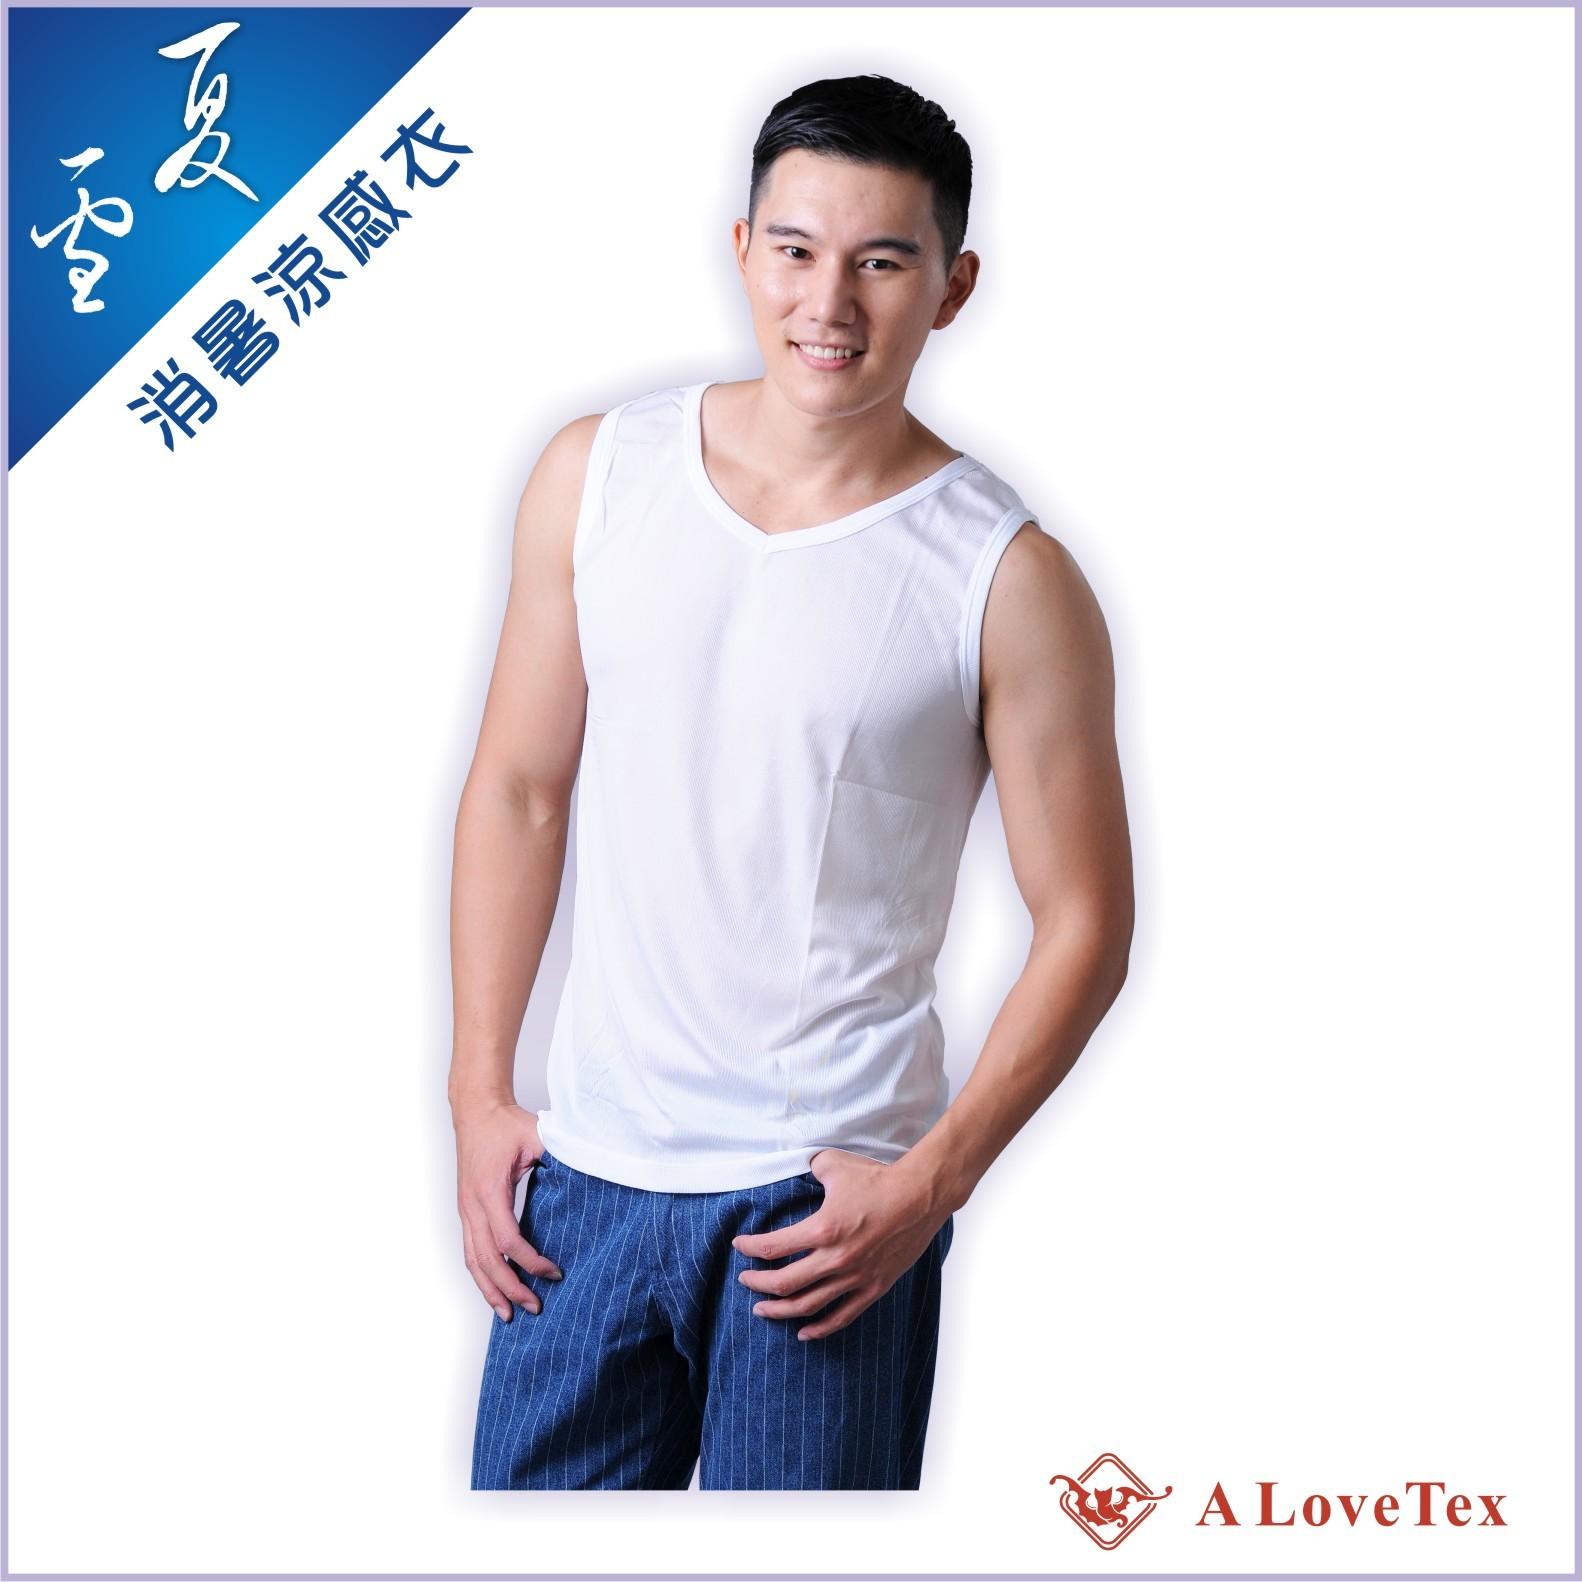 【樂福織品】夏雪 消暑涼感背心 – 男 白色尖領